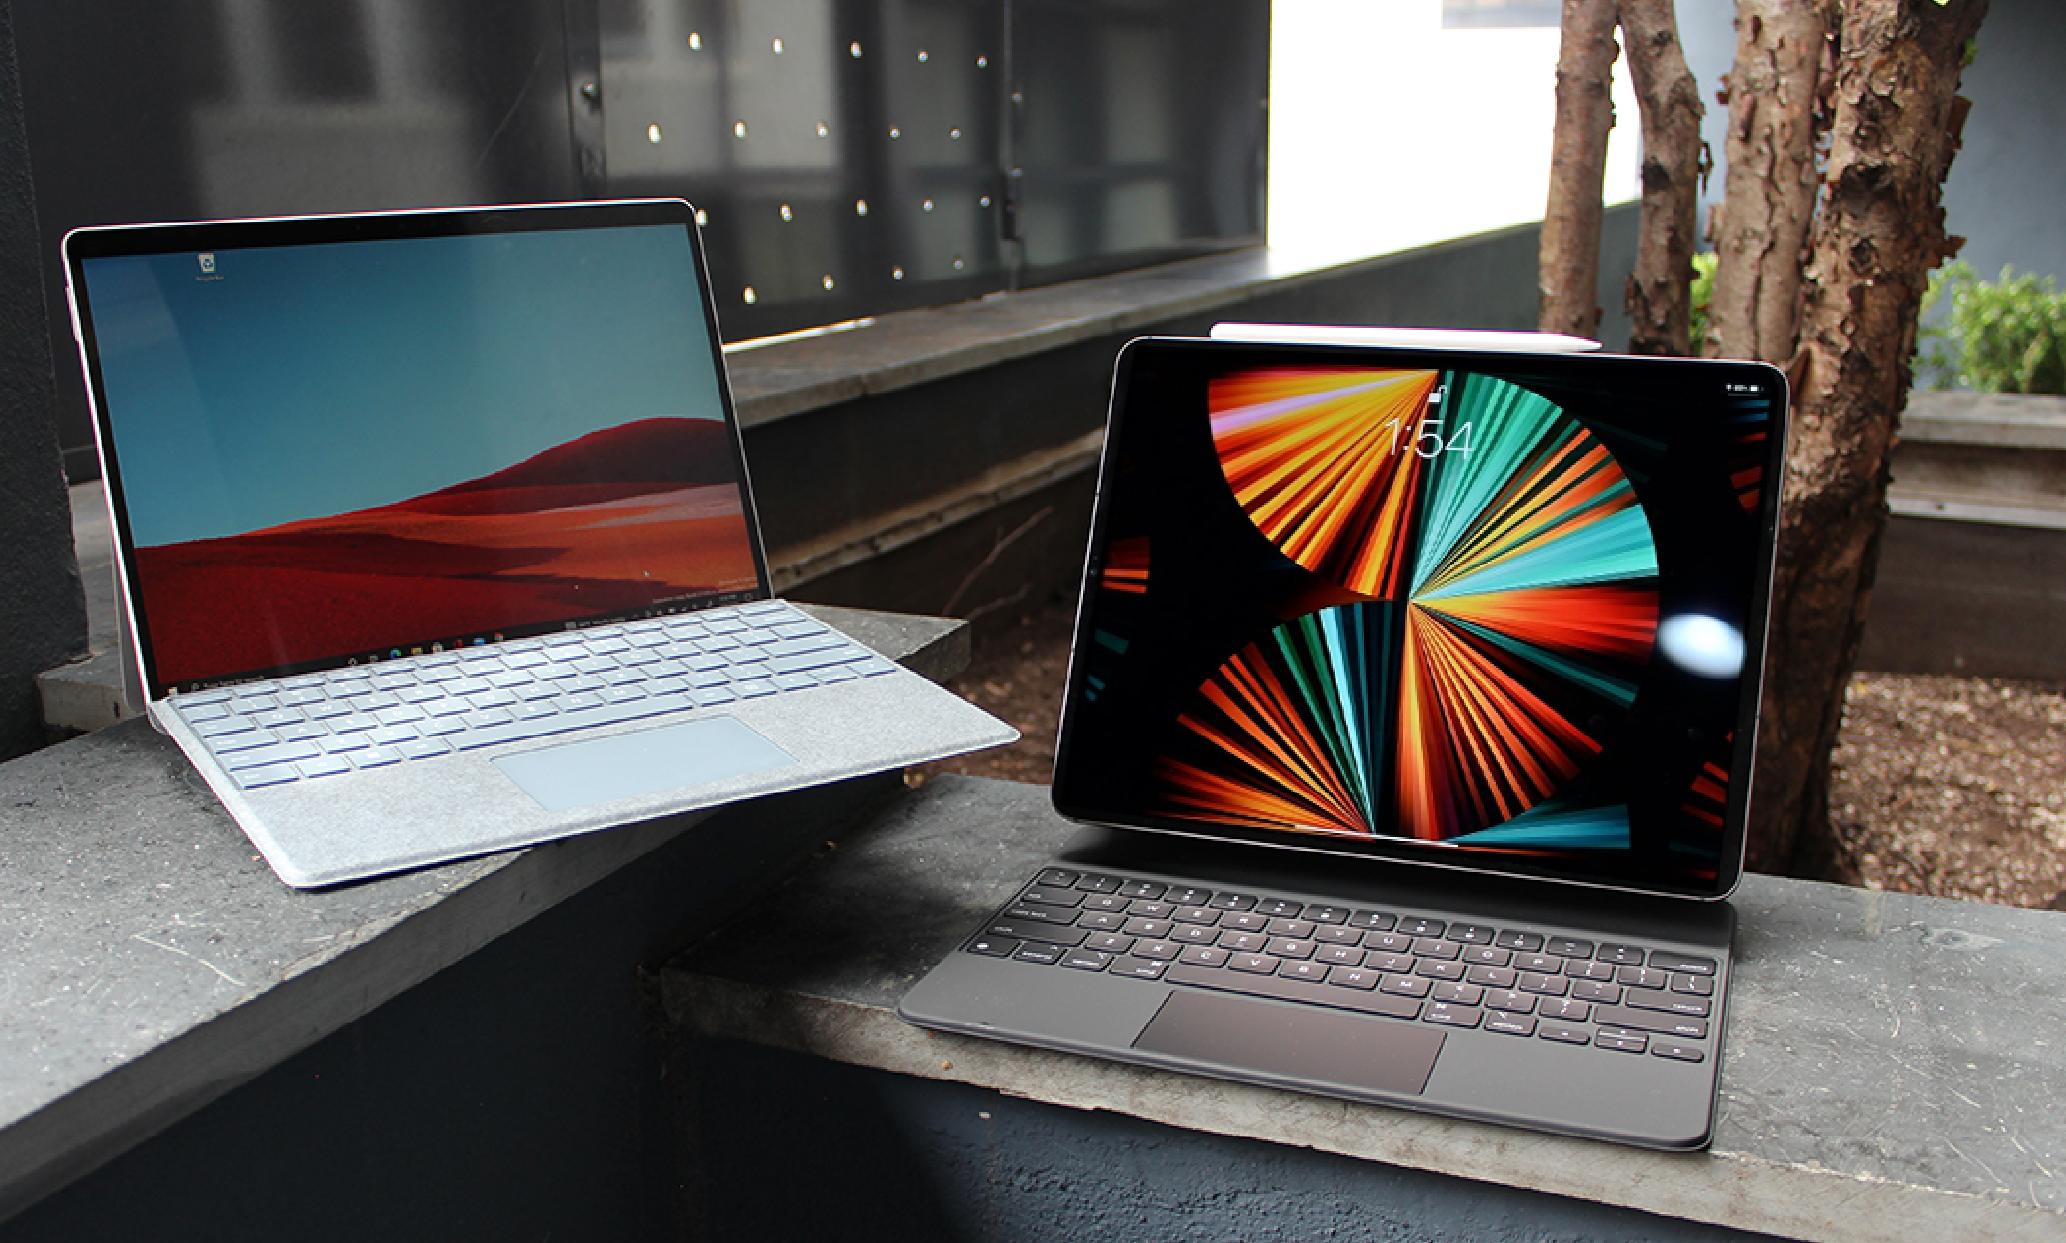 王者与霸者的对抗!苹果iPad Pro M1 VS 微软Surface Pro X,您看好谁?